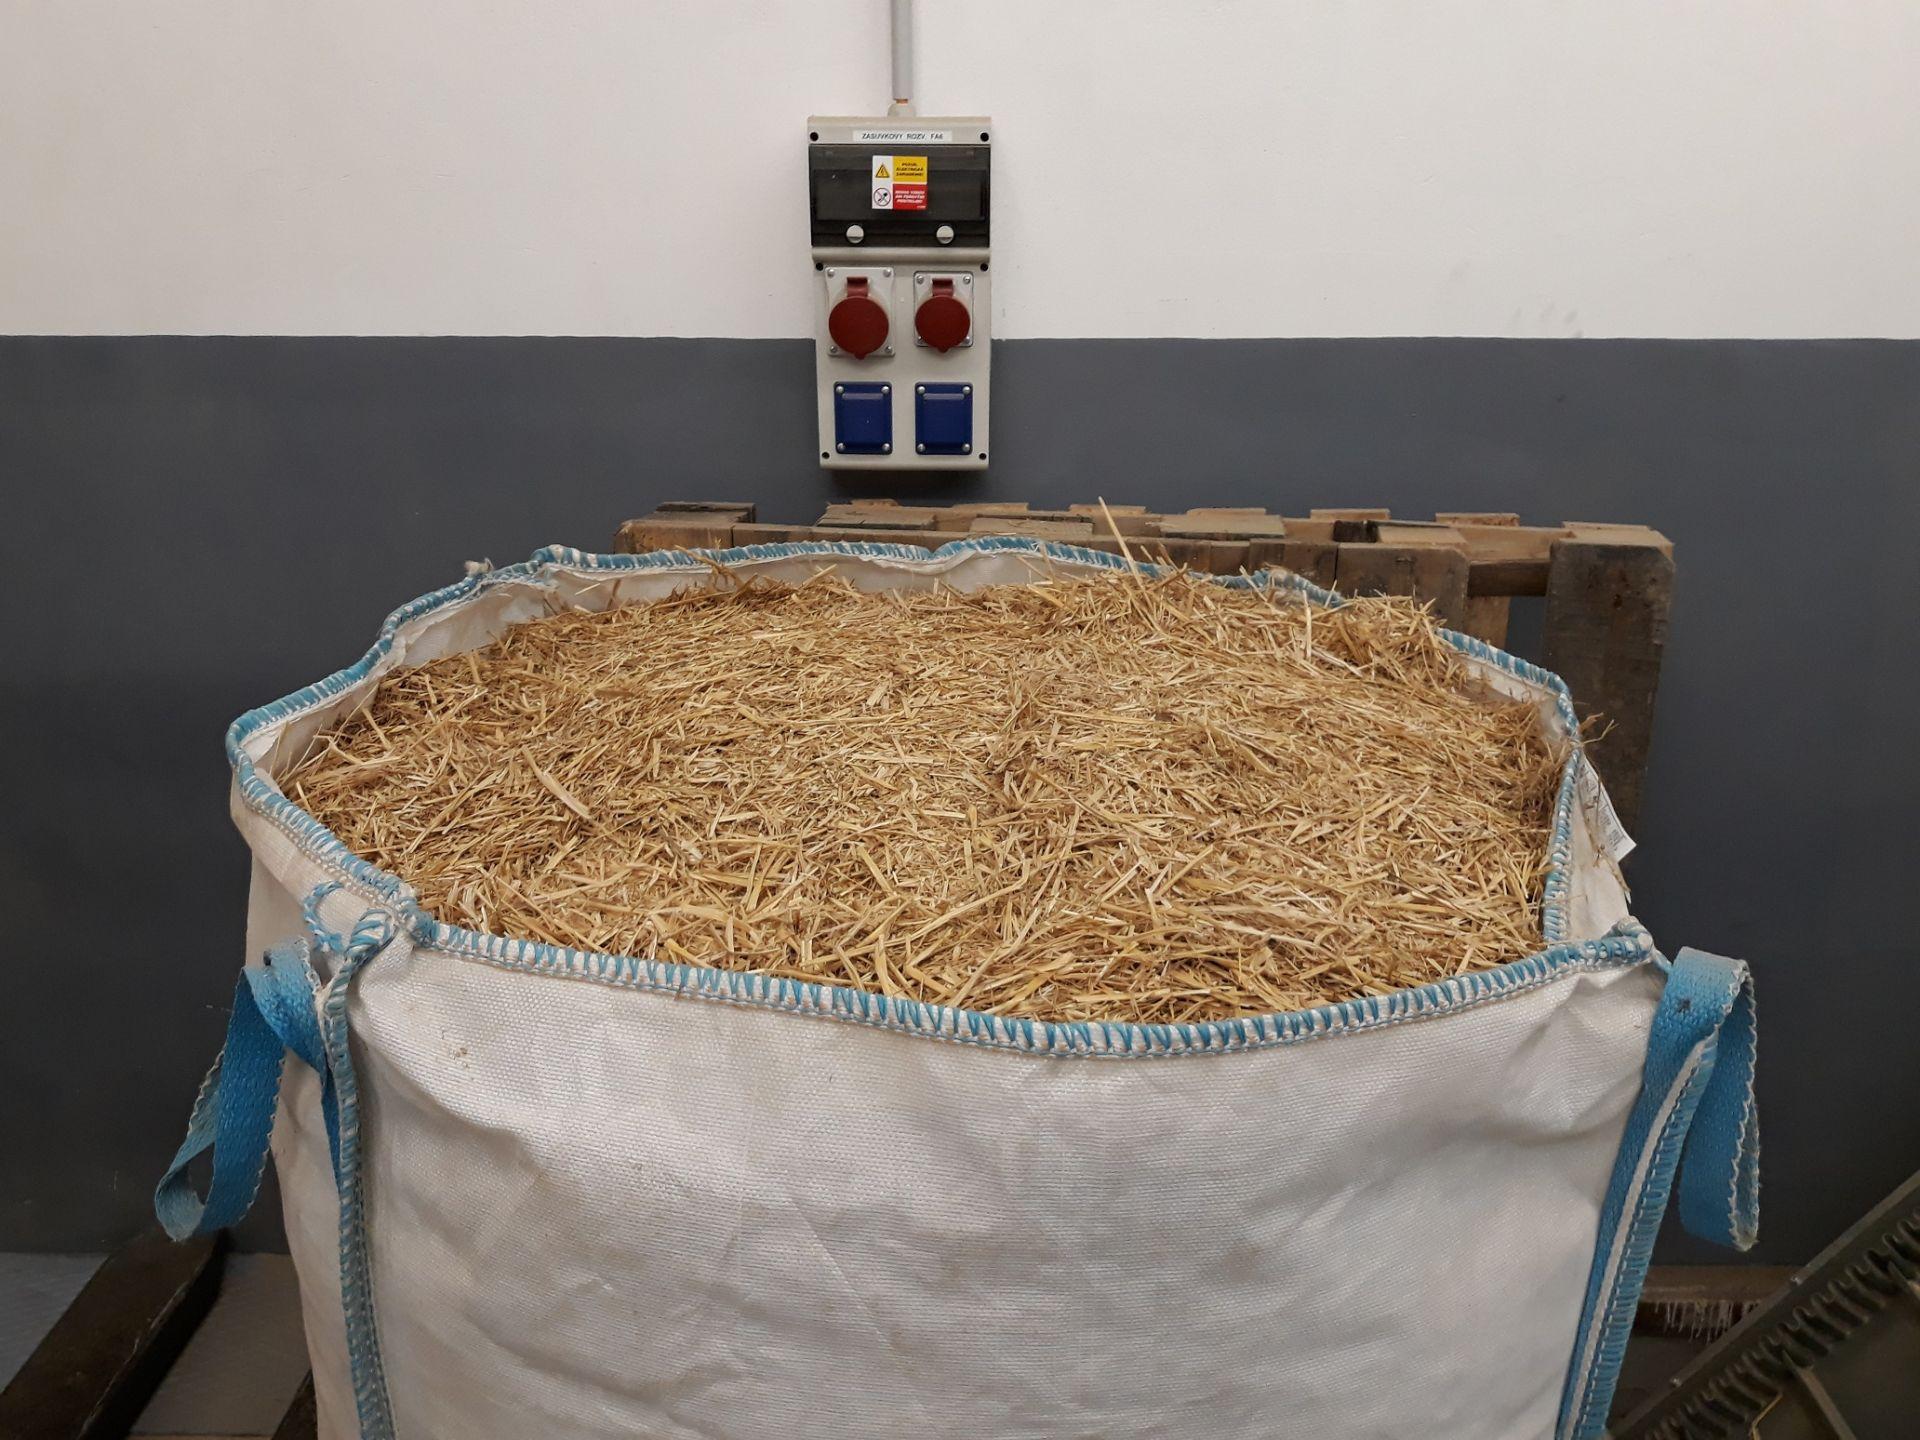 Podobným spôsobom sa vyrábajú napríklad aj krmivá pre hospodárske zvieratá.